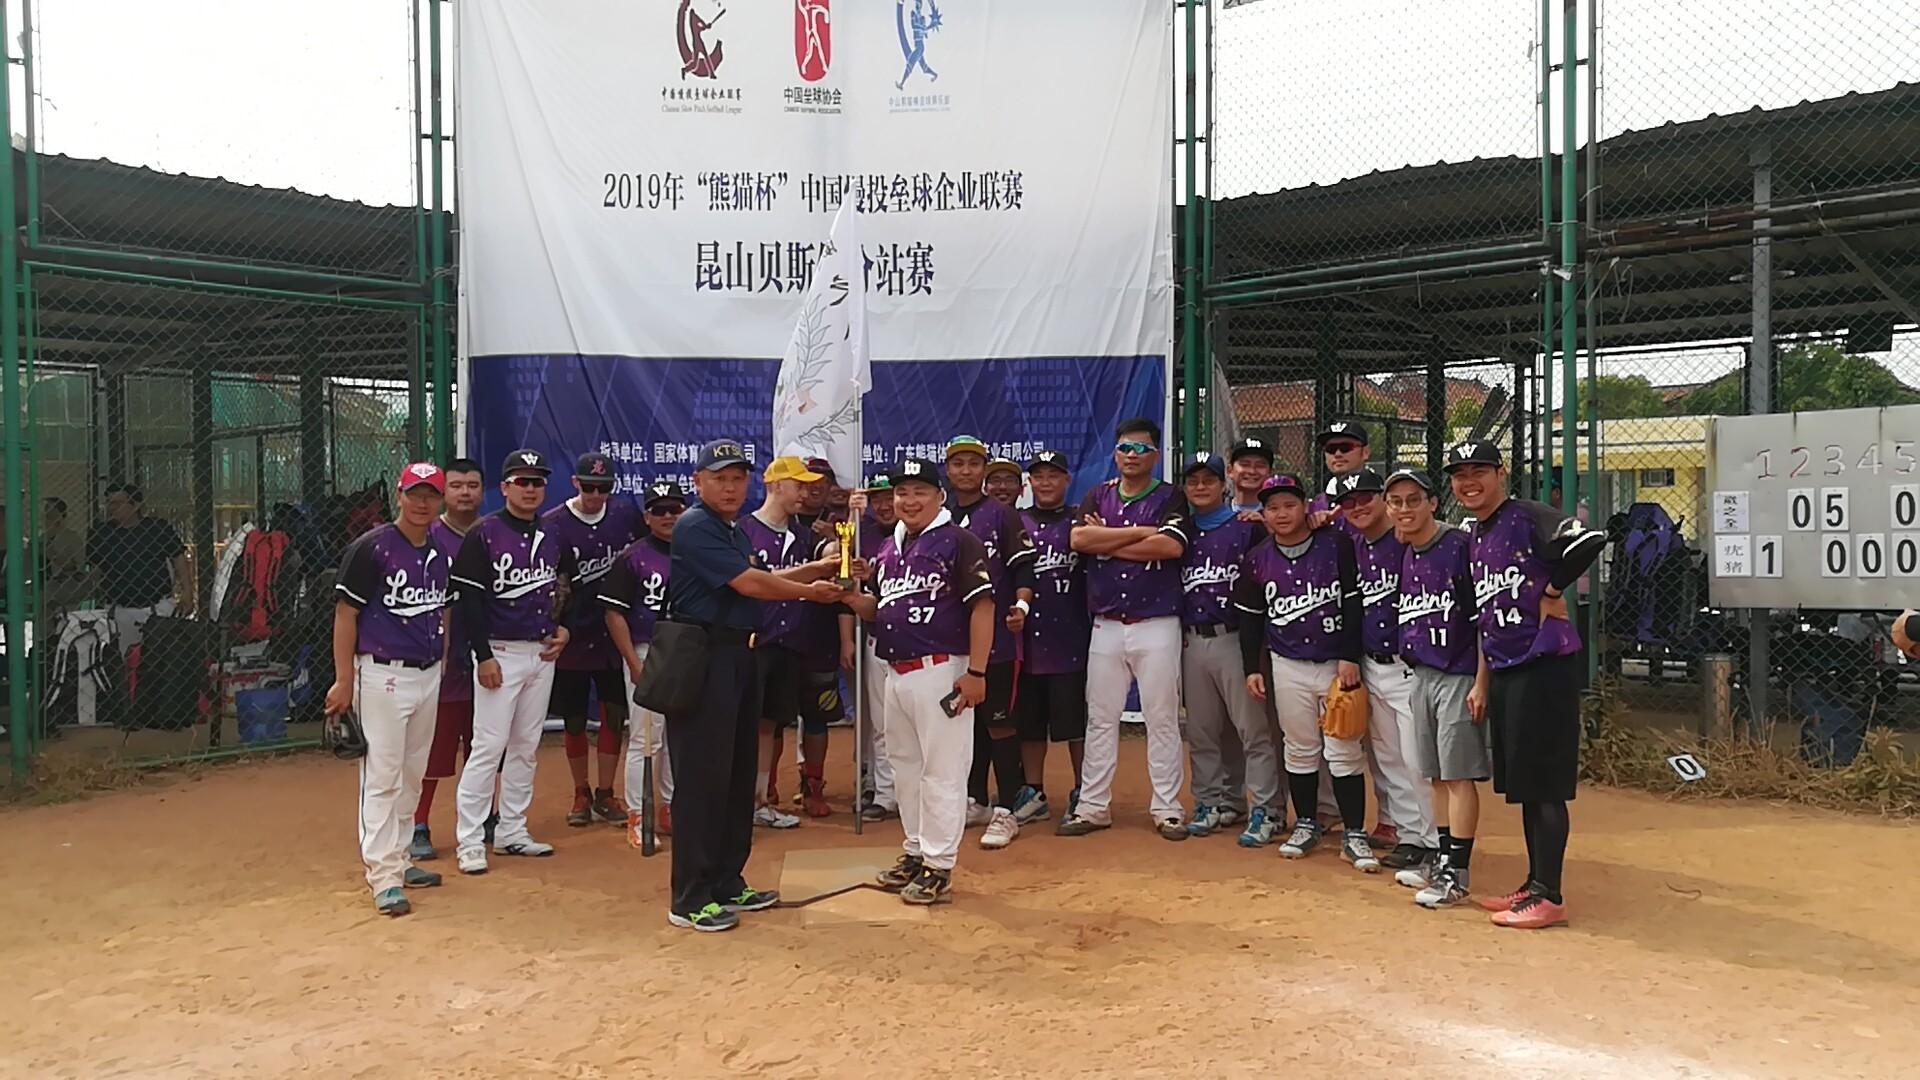 中国慢投垒球企业联赛昆山贝斯伯站落幕